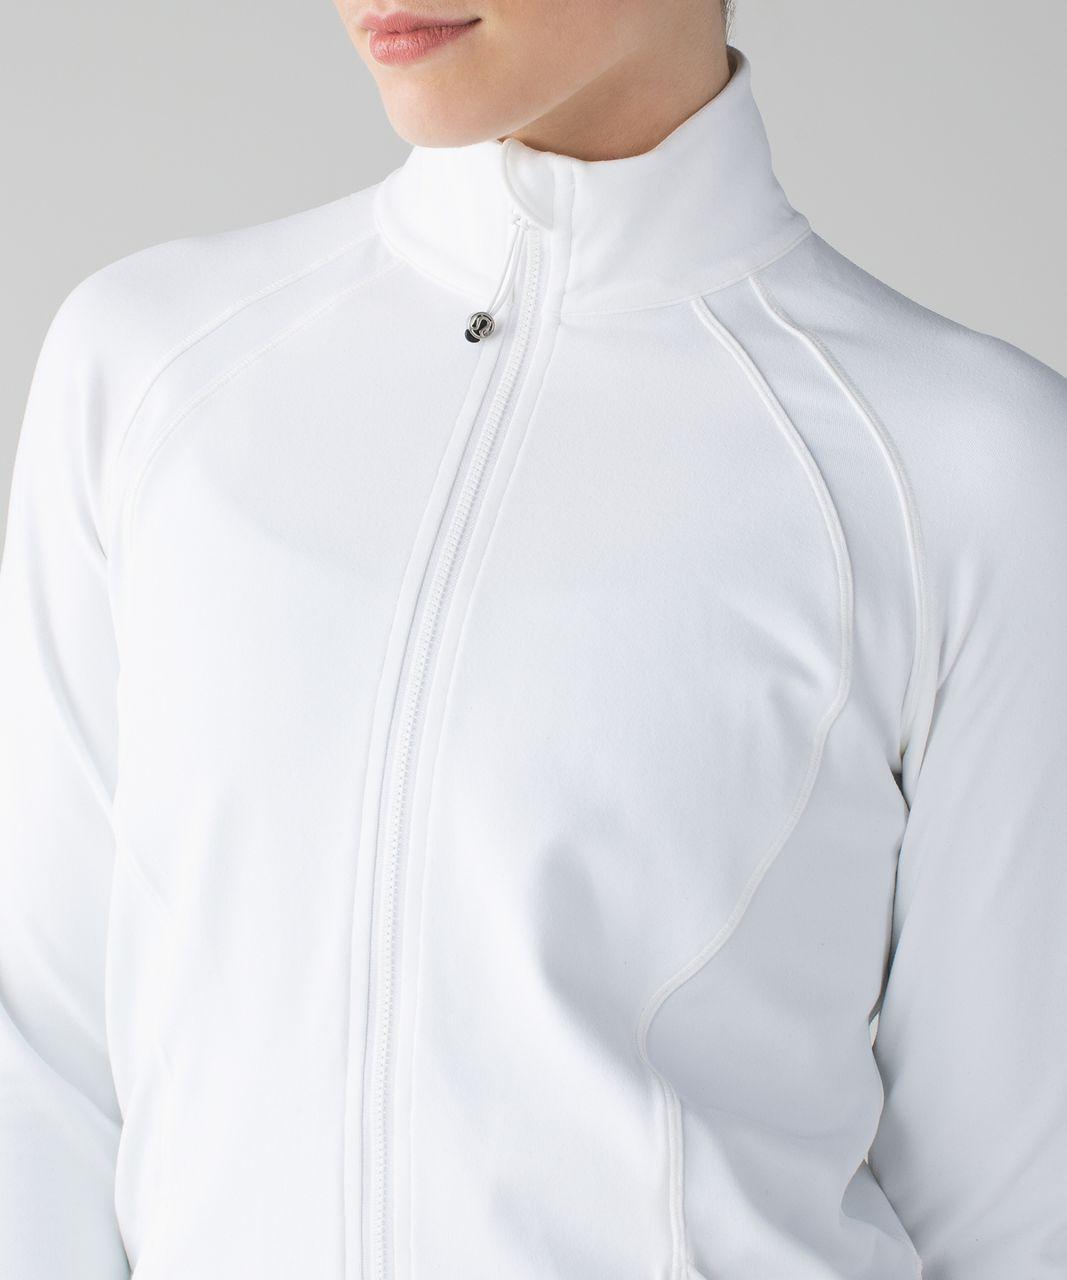 Lululemon Sunshine Salutation Jacket - White